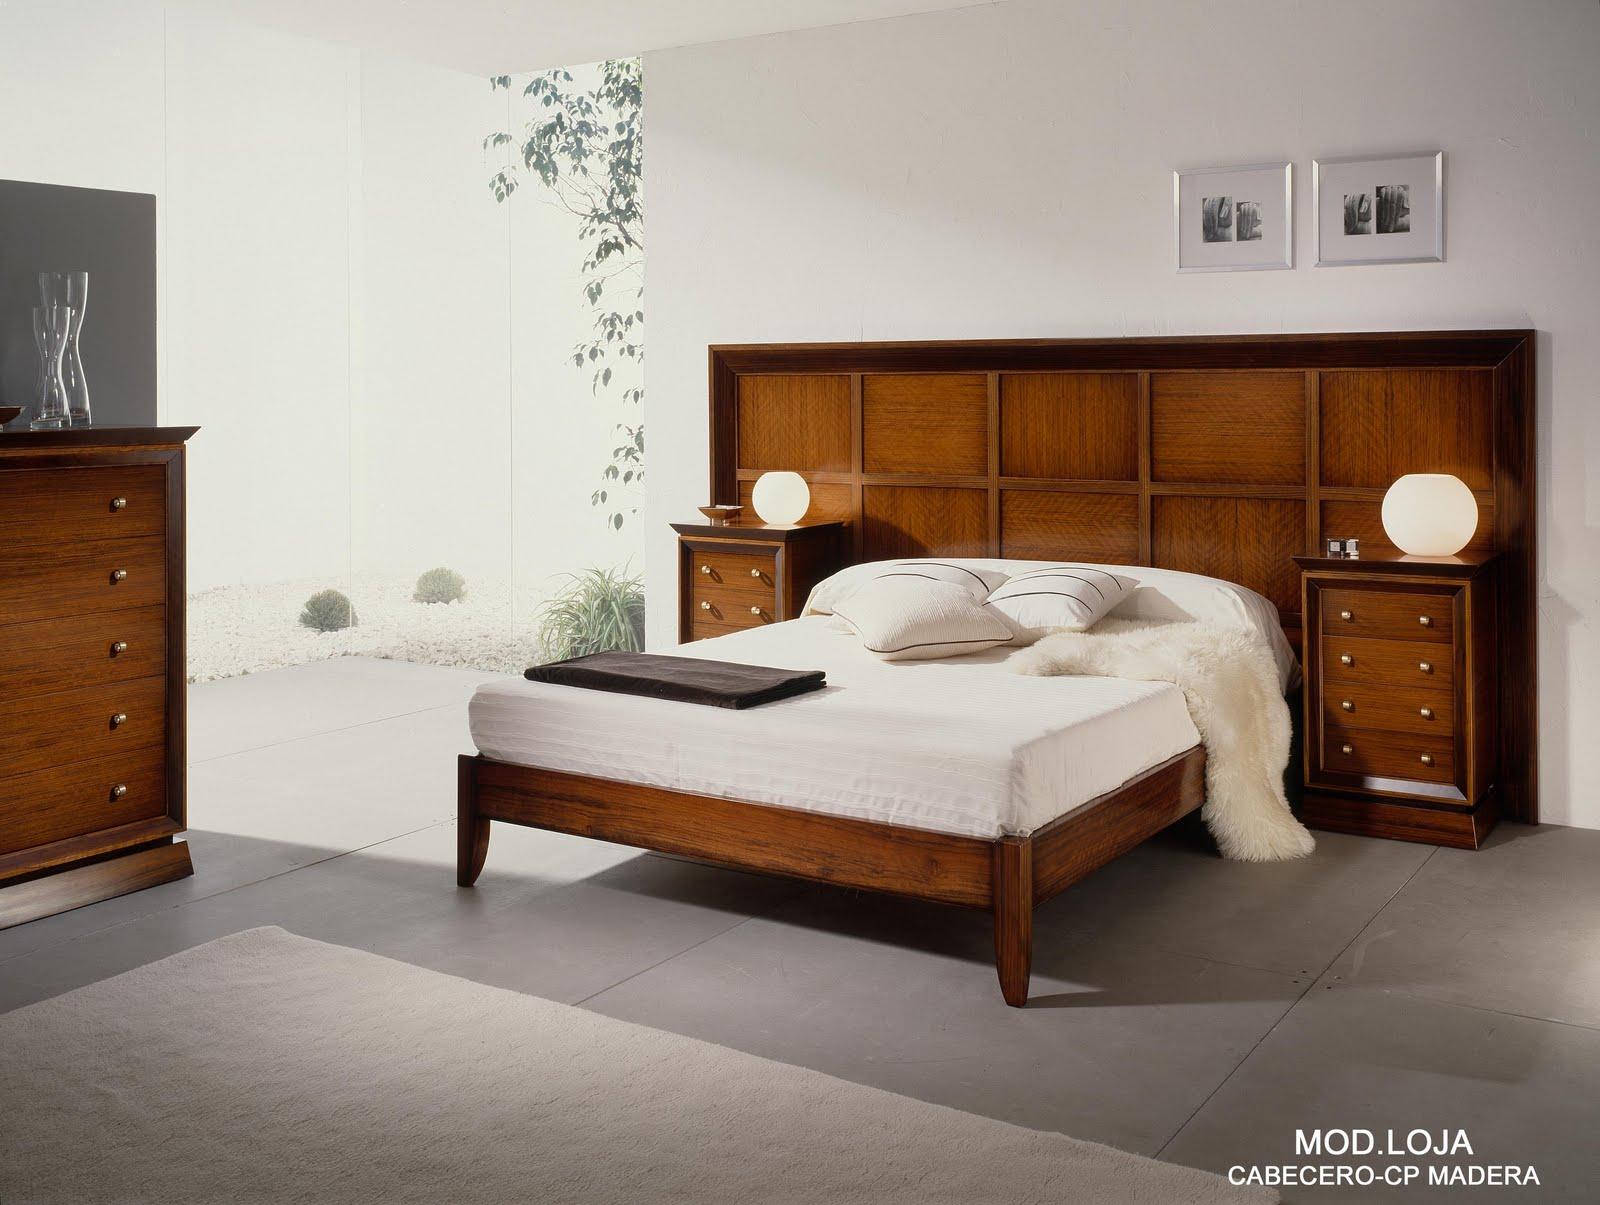 Muebles eduardo tallero dormitorios de calidad clasico en for Muebles calidad